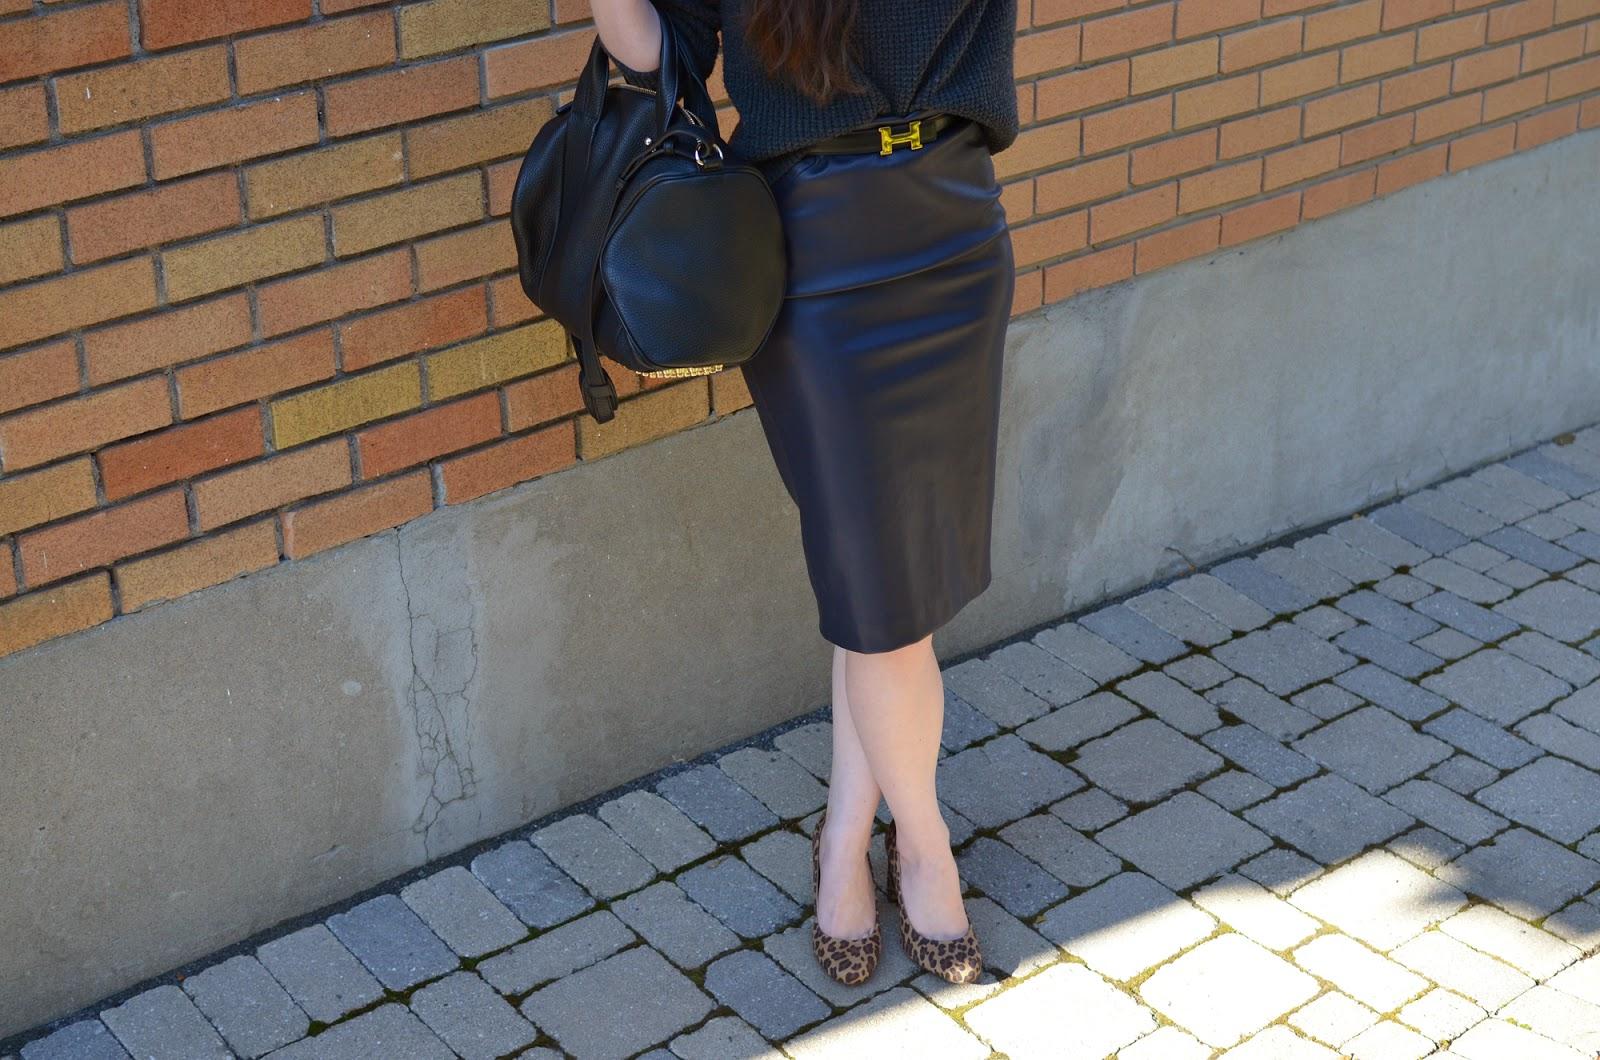 High-low OOTD ft. a Hermes belt from Yoogi's Closet, my Alexander Wang Rocco, a Zara skirt, and Target heels